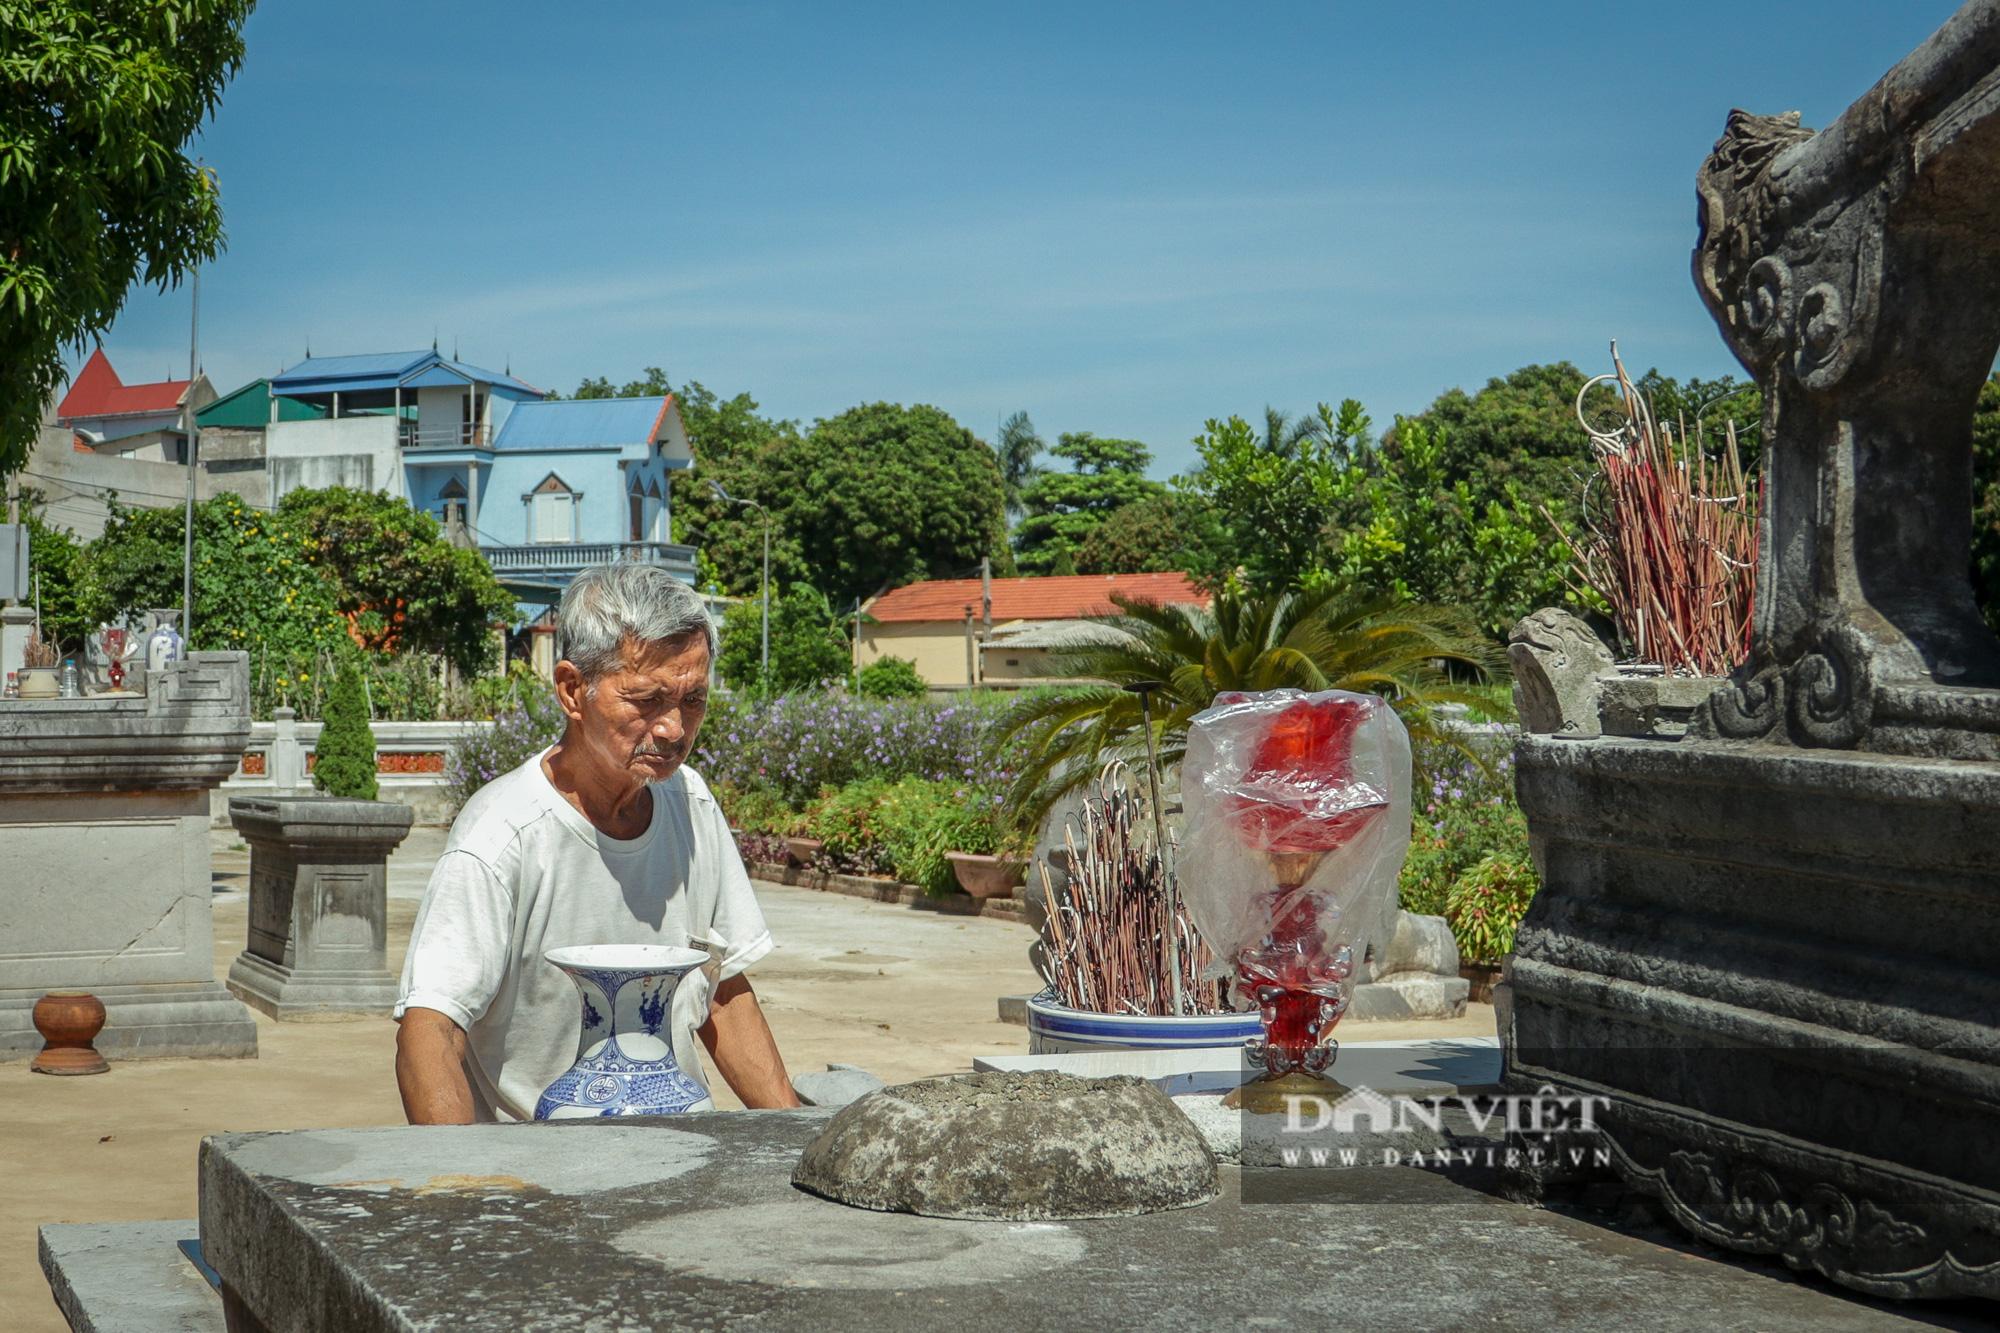 Bí ẩn lăng mộ đá ở Hà Nội bị 2 trận lũ lớn vùi lấp suốt hàng trăm năm - Ảnh 9.